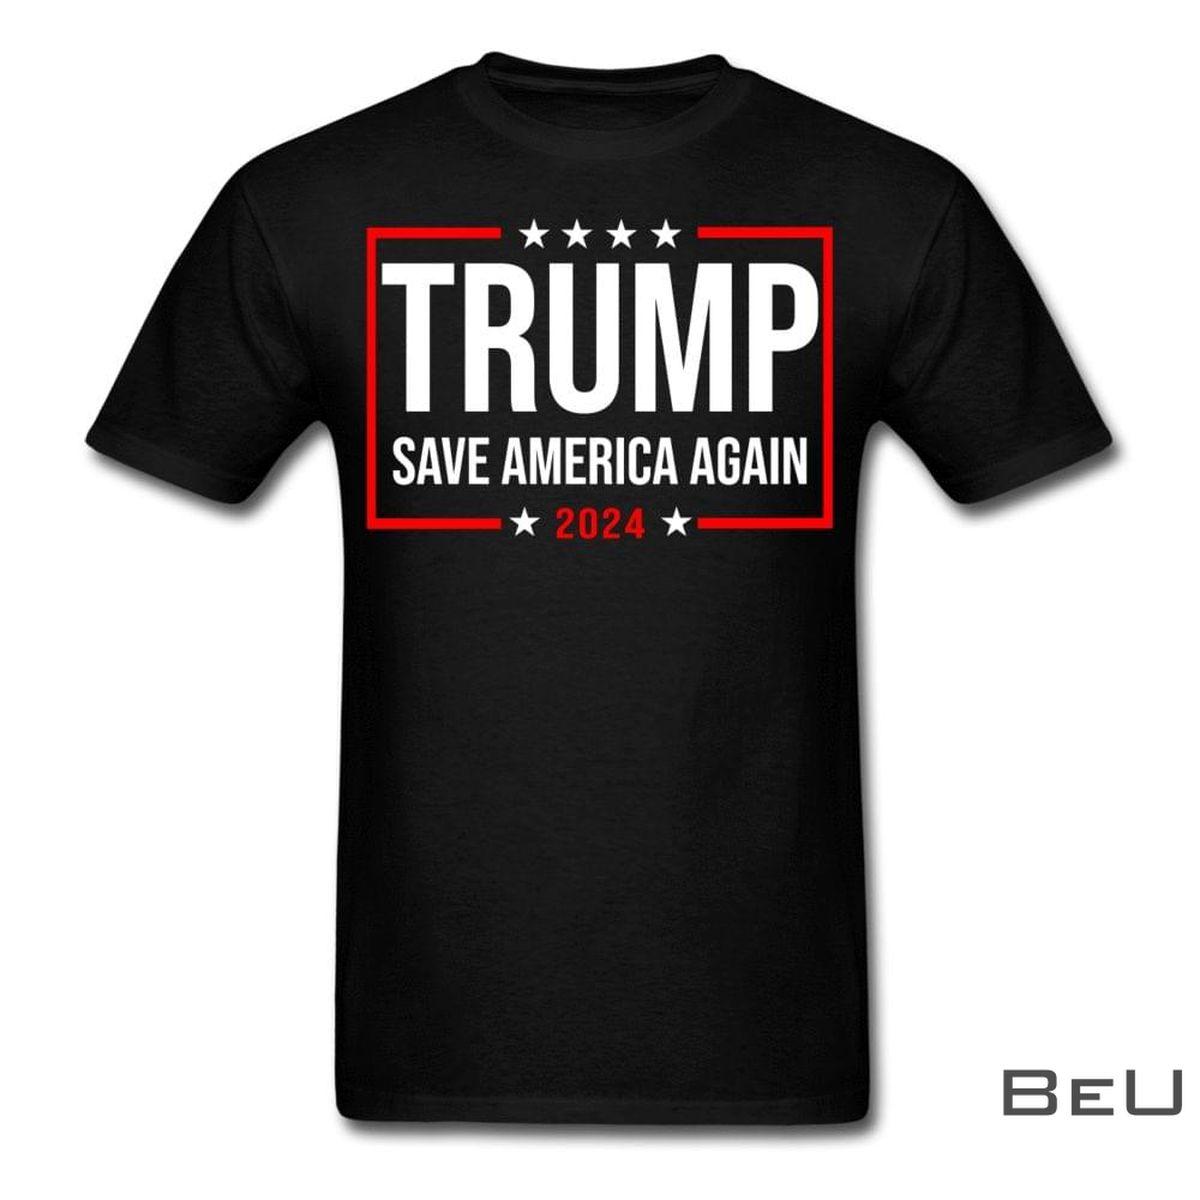 Trump Save America Again 2024 Shirt